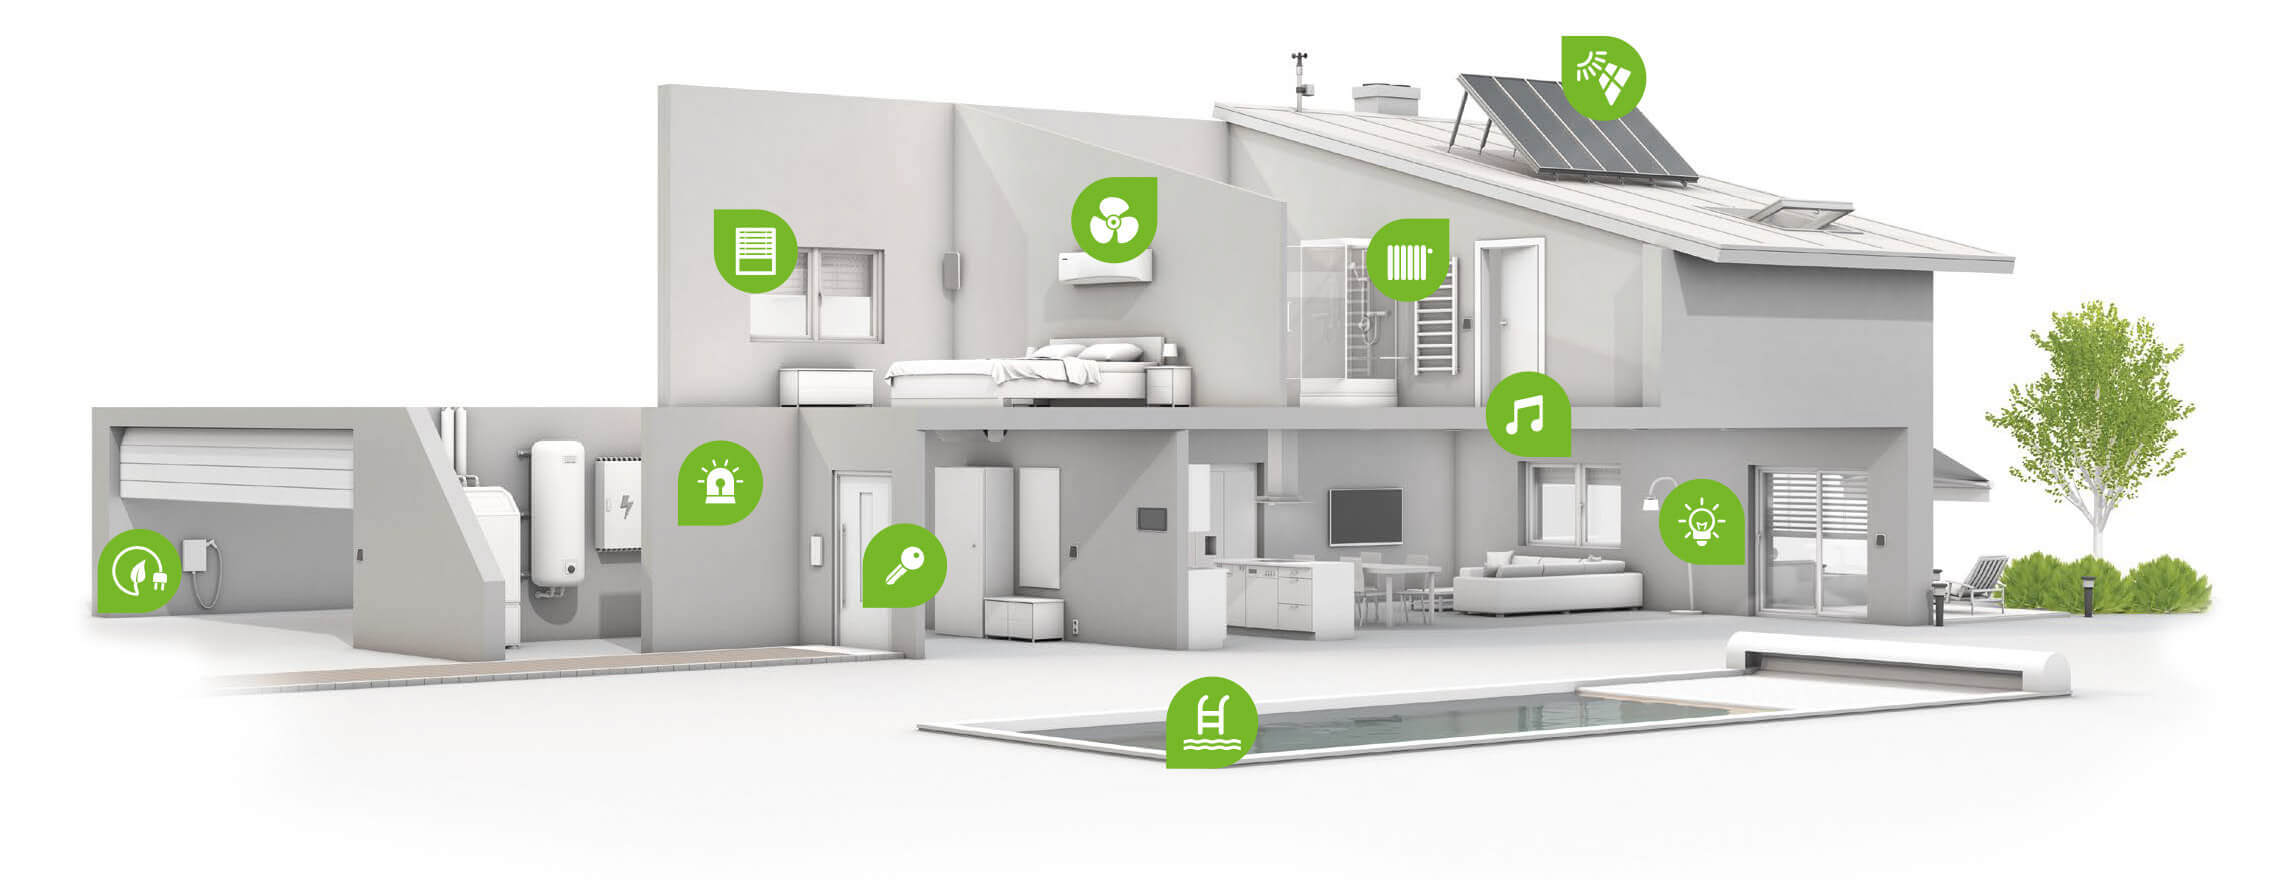 Überblick Einsatzgebiete im 360° Smart Home